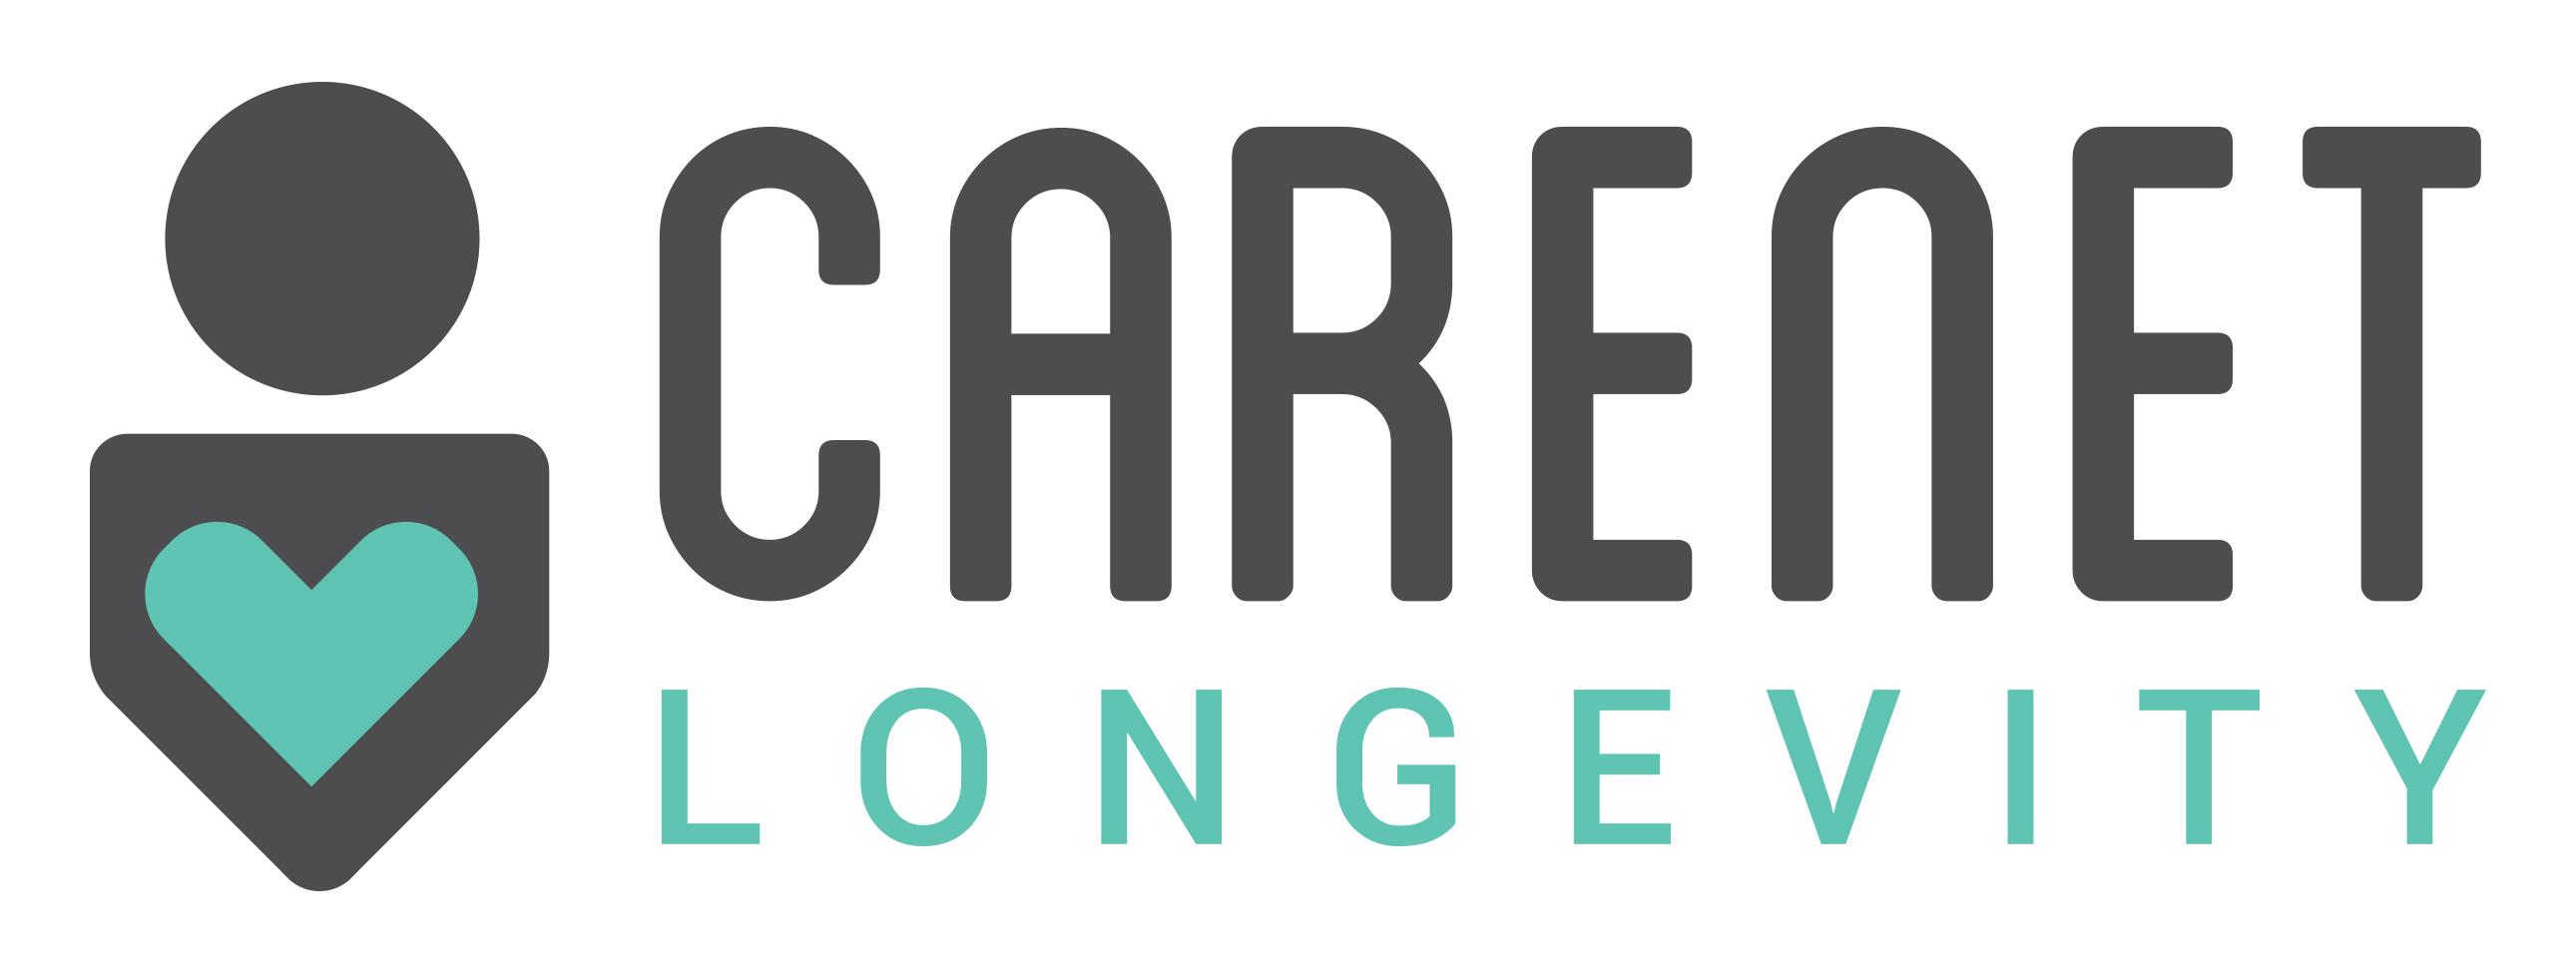 Carenet Longevity